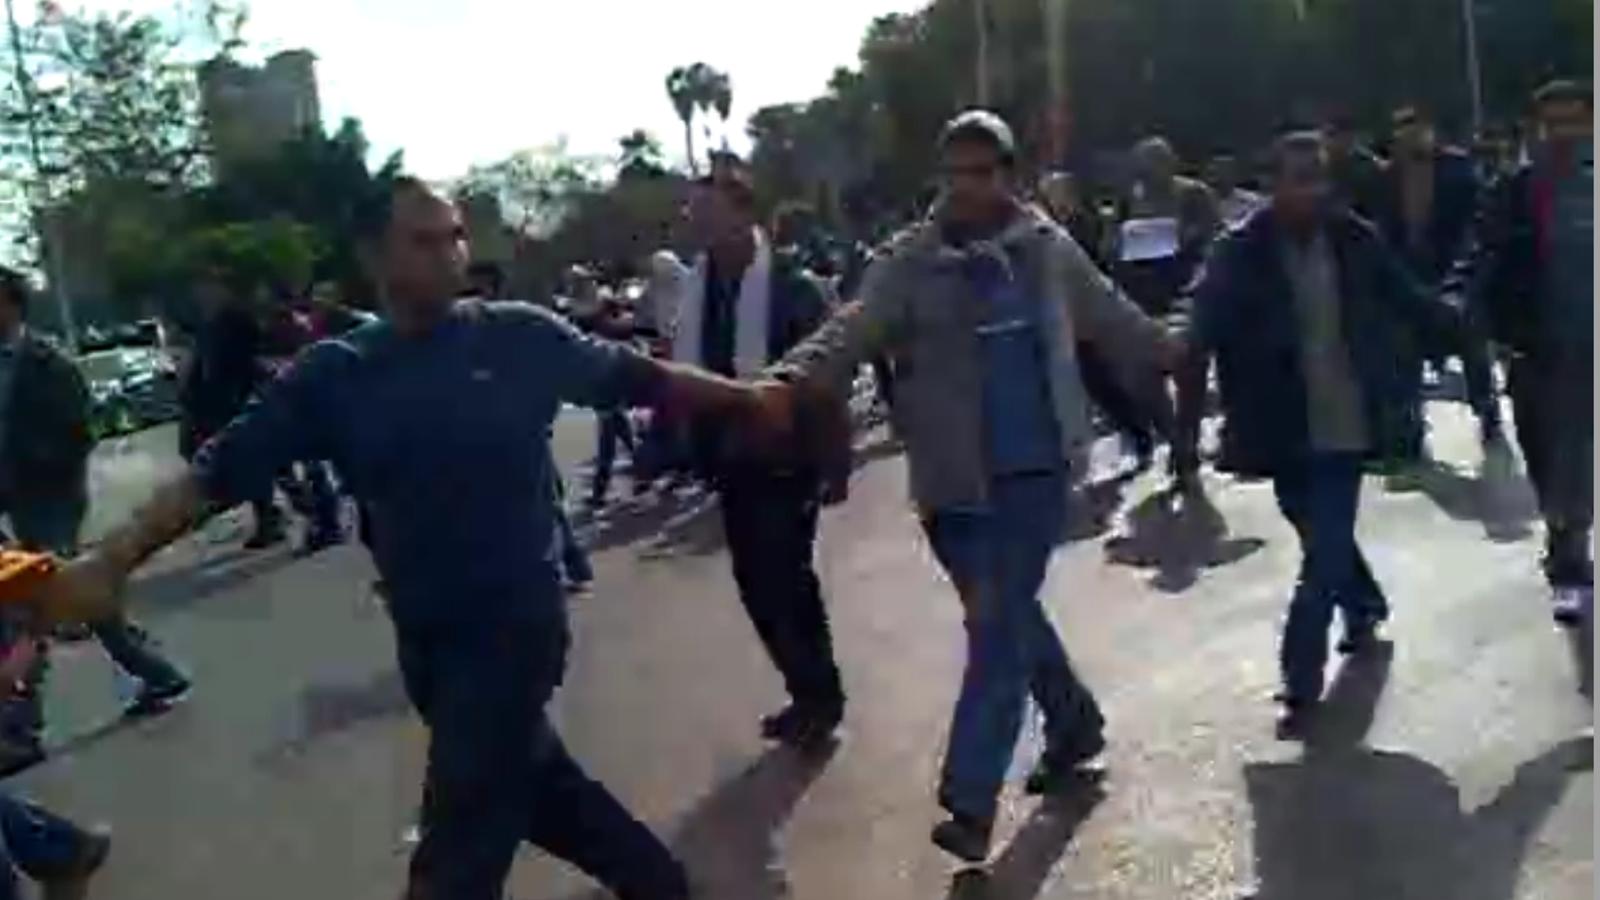 La població pren la plaça Tahrir una vegada més